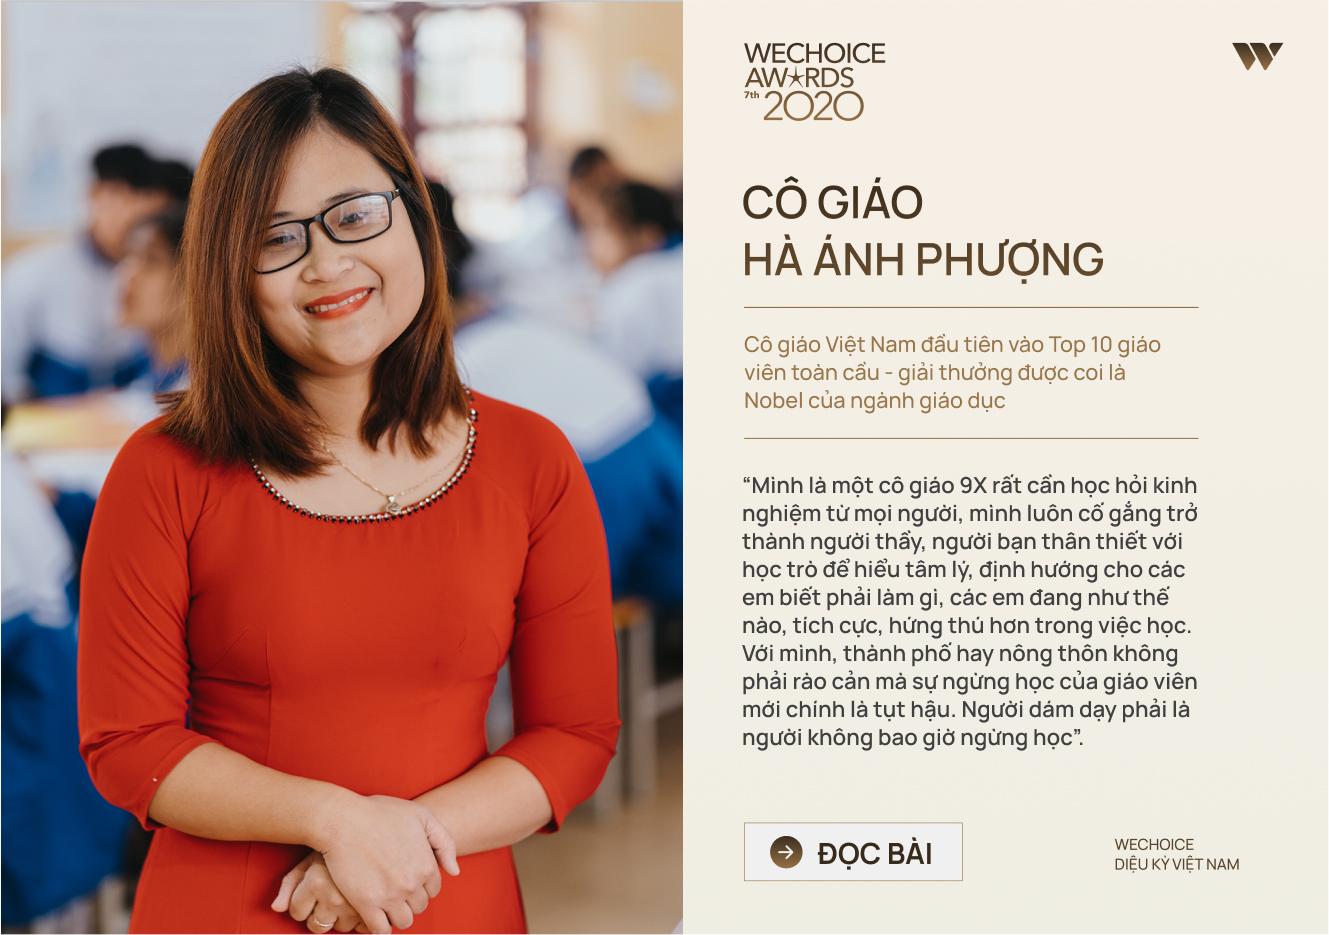 20 đề cử nhân vật truyền cảm hứng của WeChoice Awards 2020: Những câu chuyện tạo nên Diệu kỳ Việt Nam - Ảnh 16.